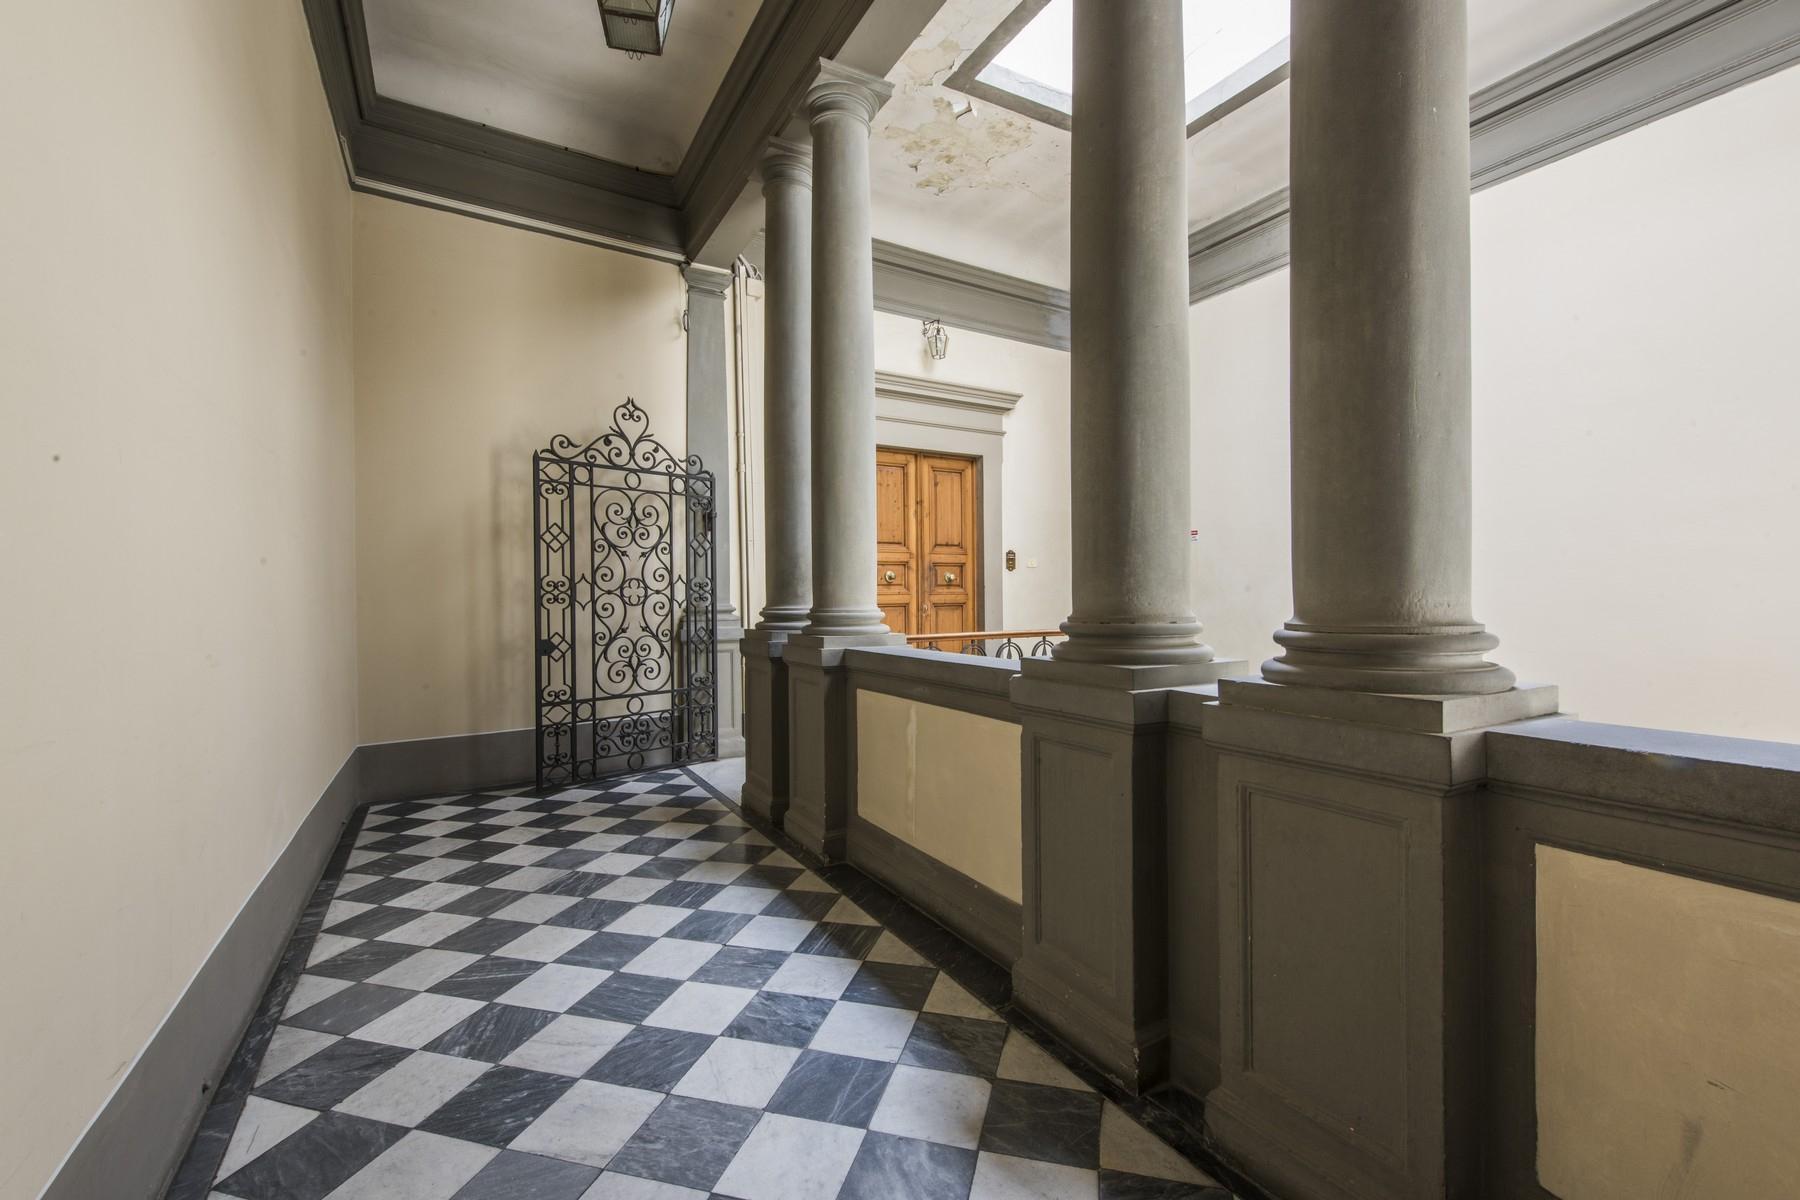 Великолепный пентхаус площадью 520 кв.м в историческом флорентийском палаццо - 3